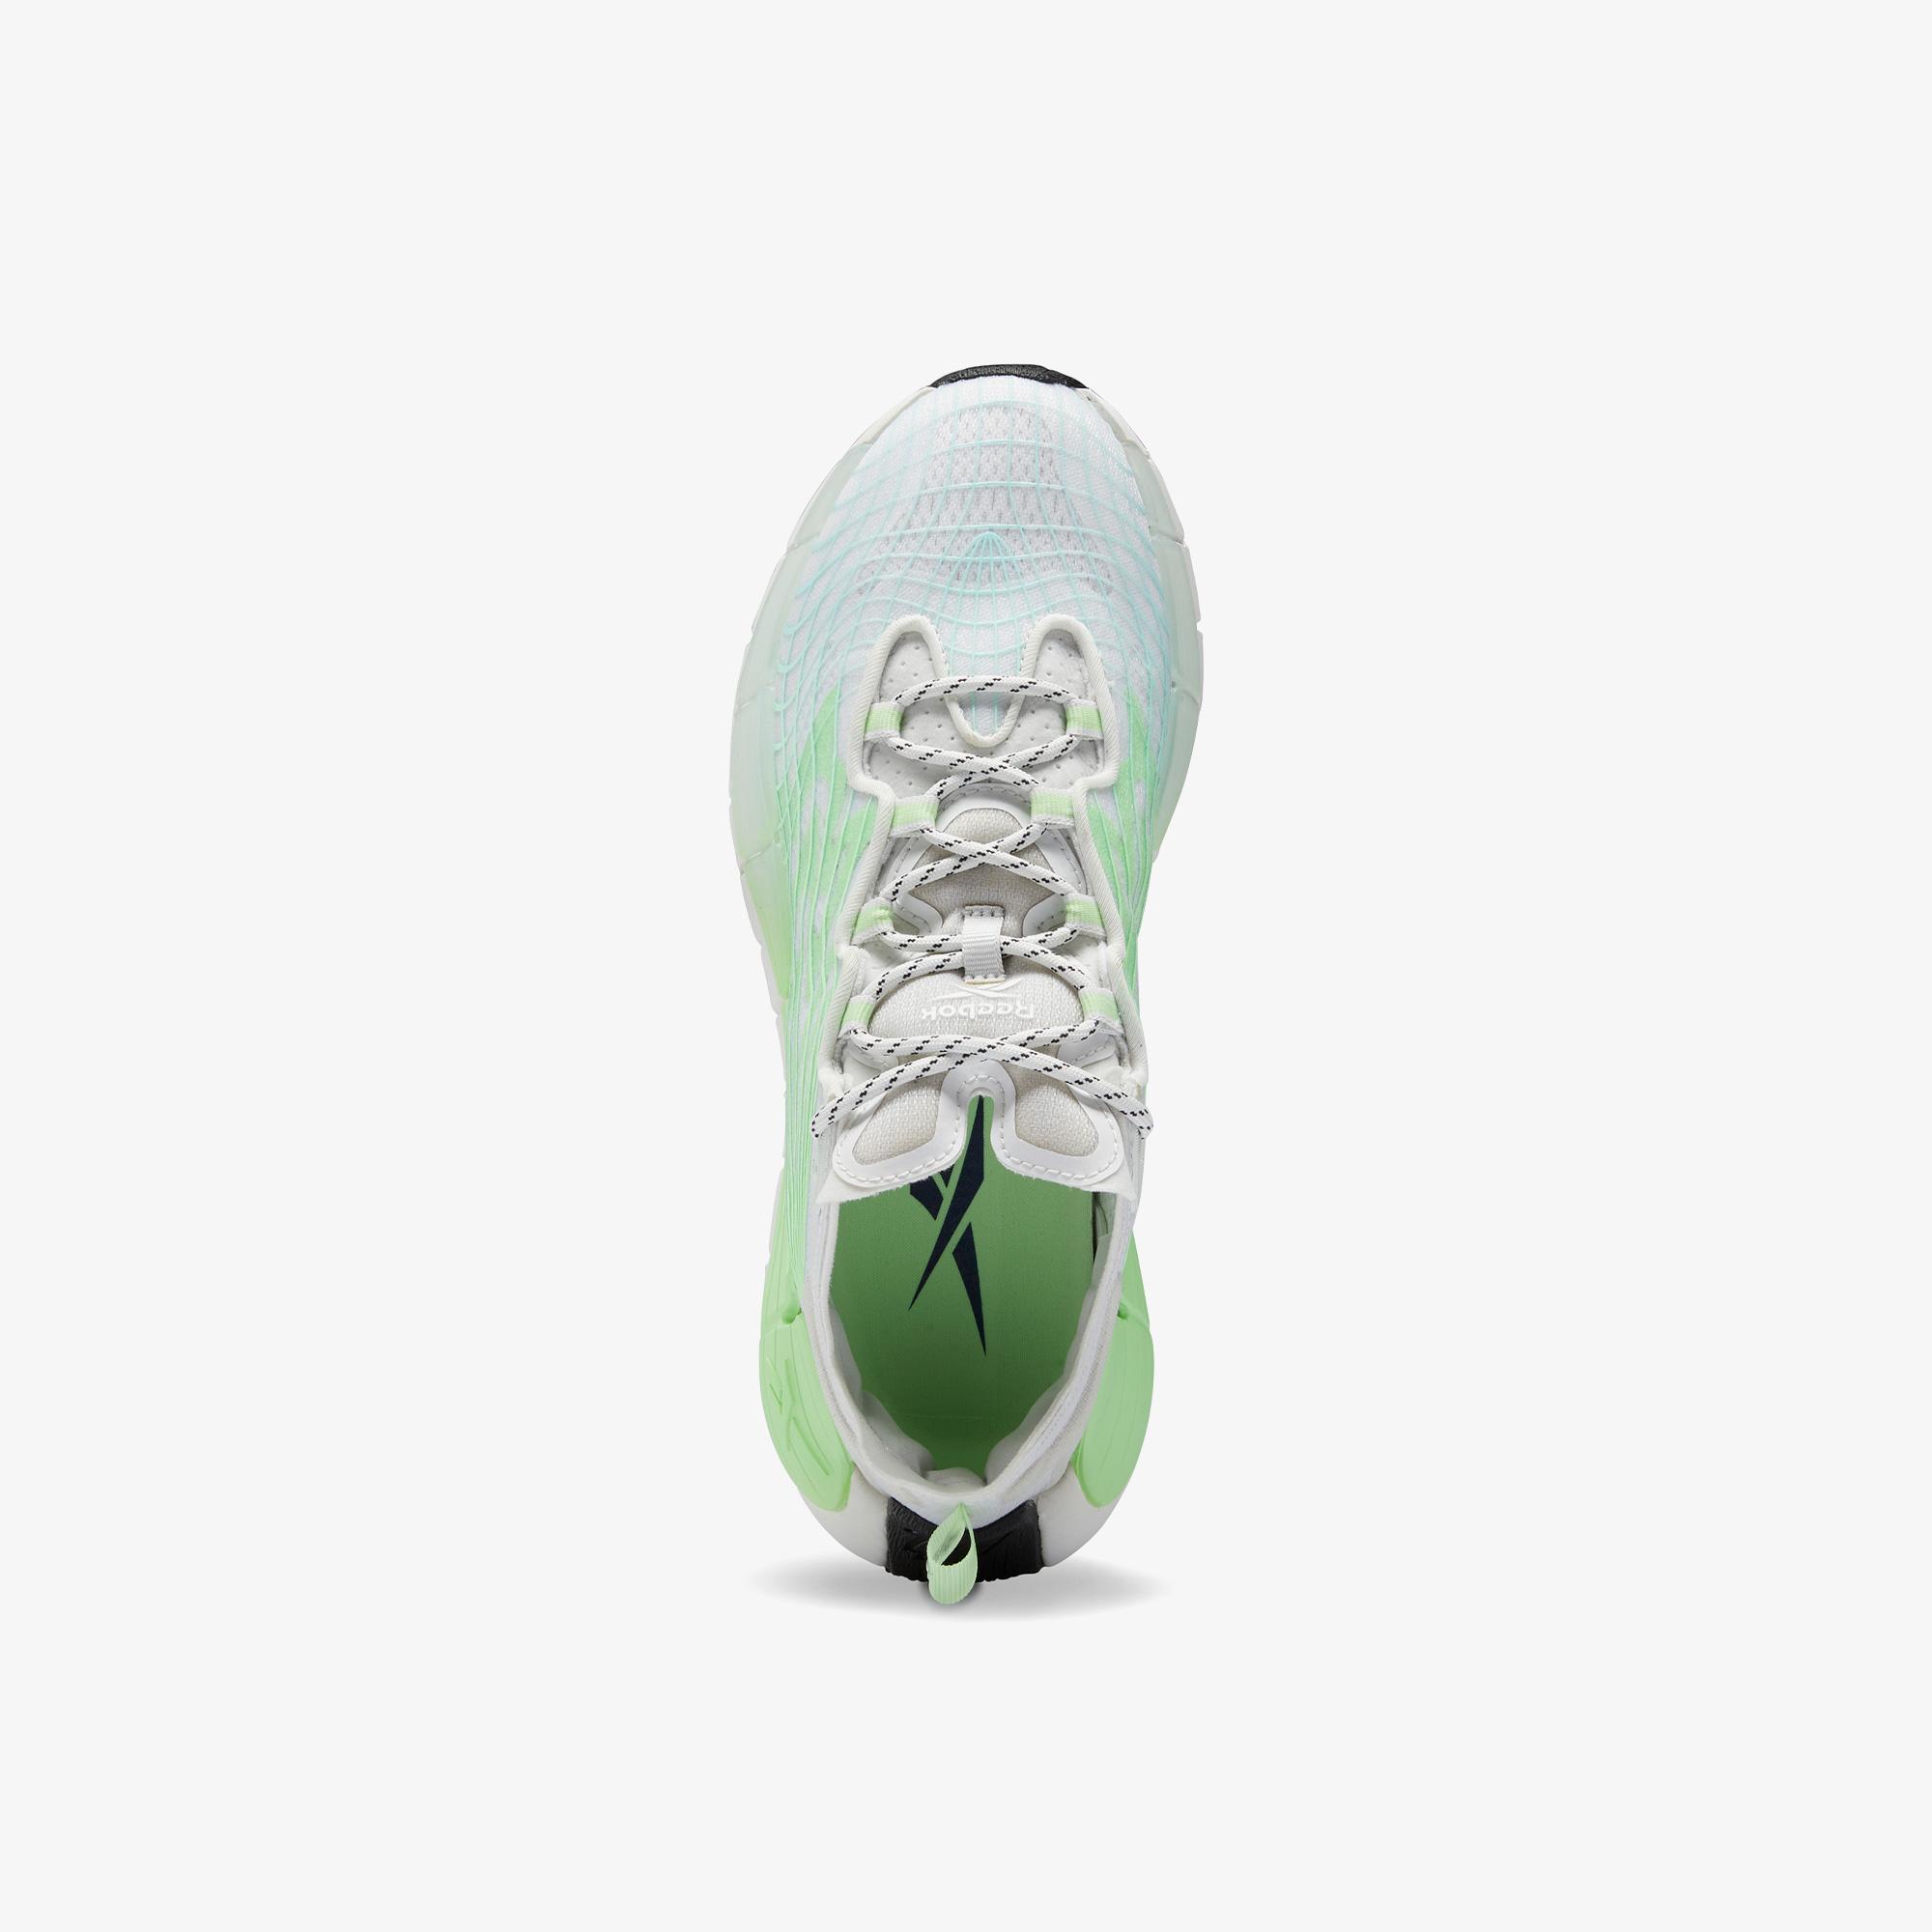 Reebok Zig Kinetica II Kadın Mavi Spor Ayakkabı